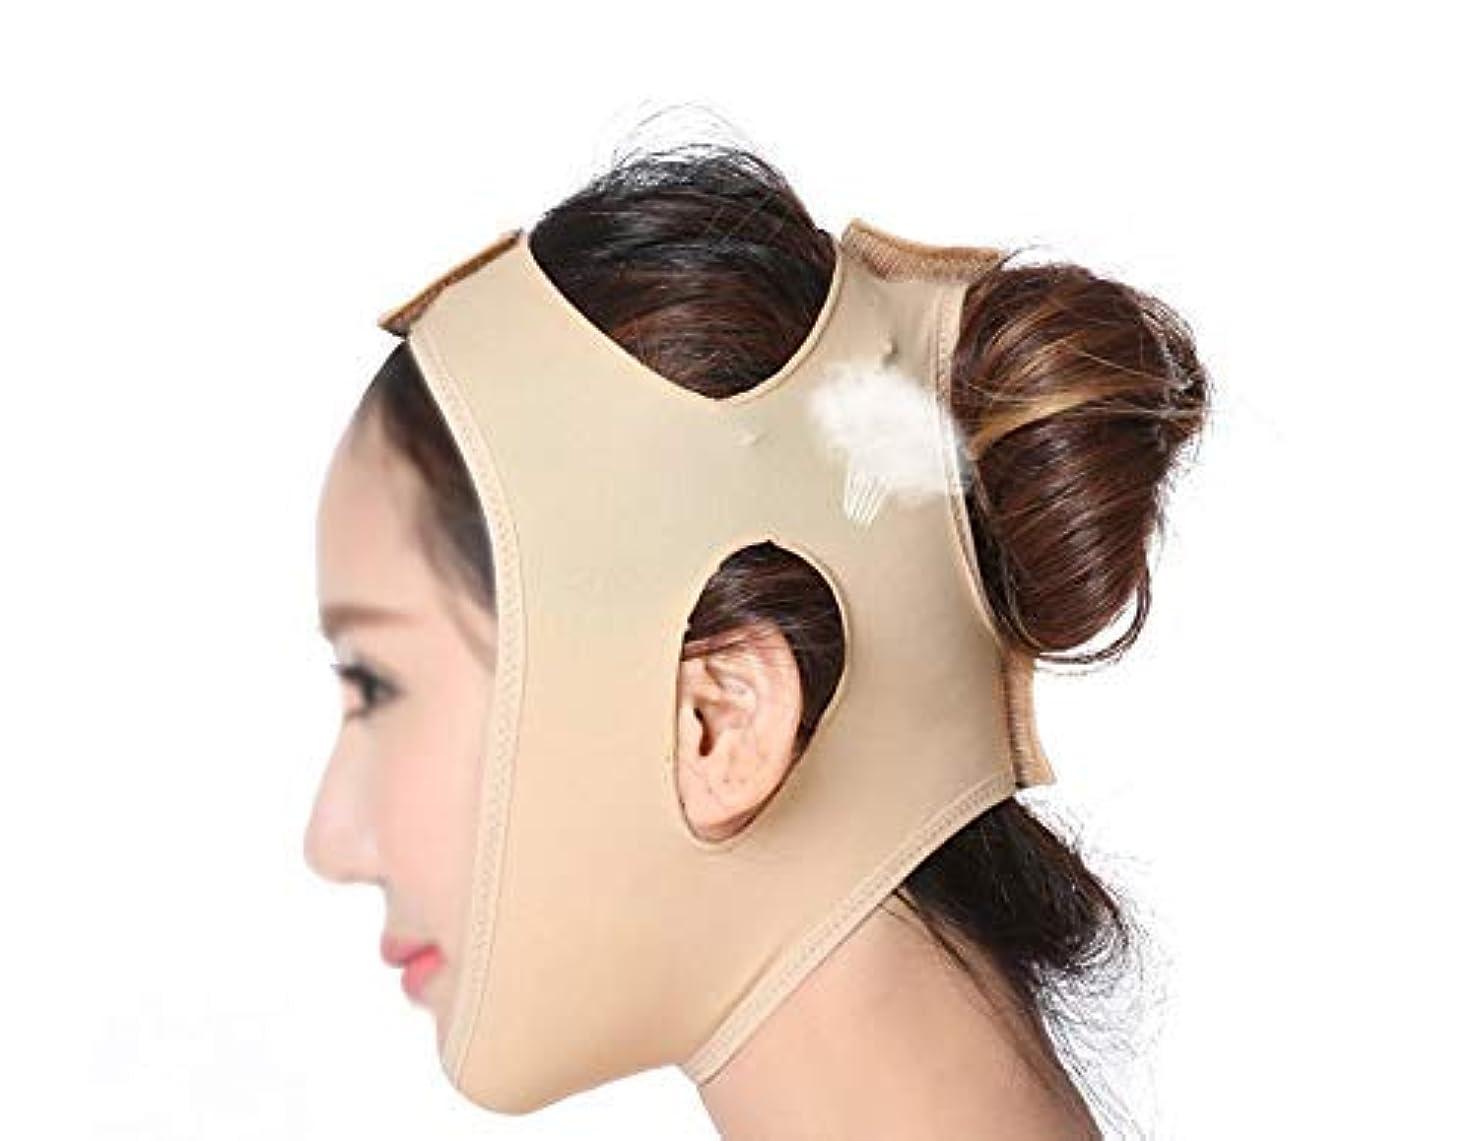 暴力ピックグレード引き締めフェイスマスク、フェイシャルマスク睡眠薄型フェイス包帯薄型フェイスマスクフェイスリフティングフェイスメロンフェイスVフェイスリフティング引き締めダブルチン美容ツール(サイズ:L)